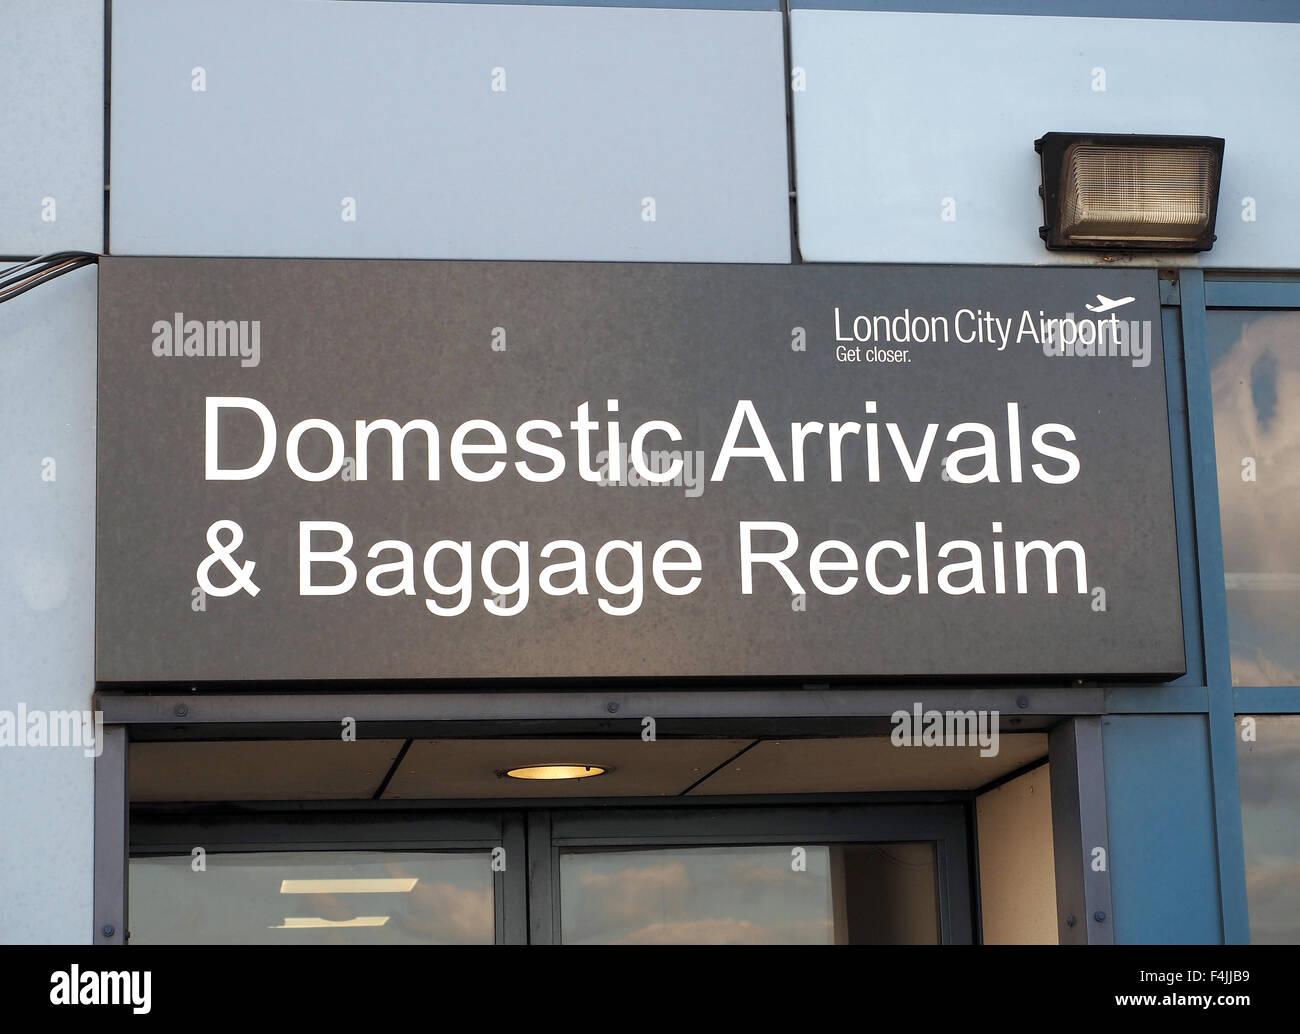 Inländische Ankünfte und Gepäck zurückfordern Schild am London City Airport, London, UK Stockbild